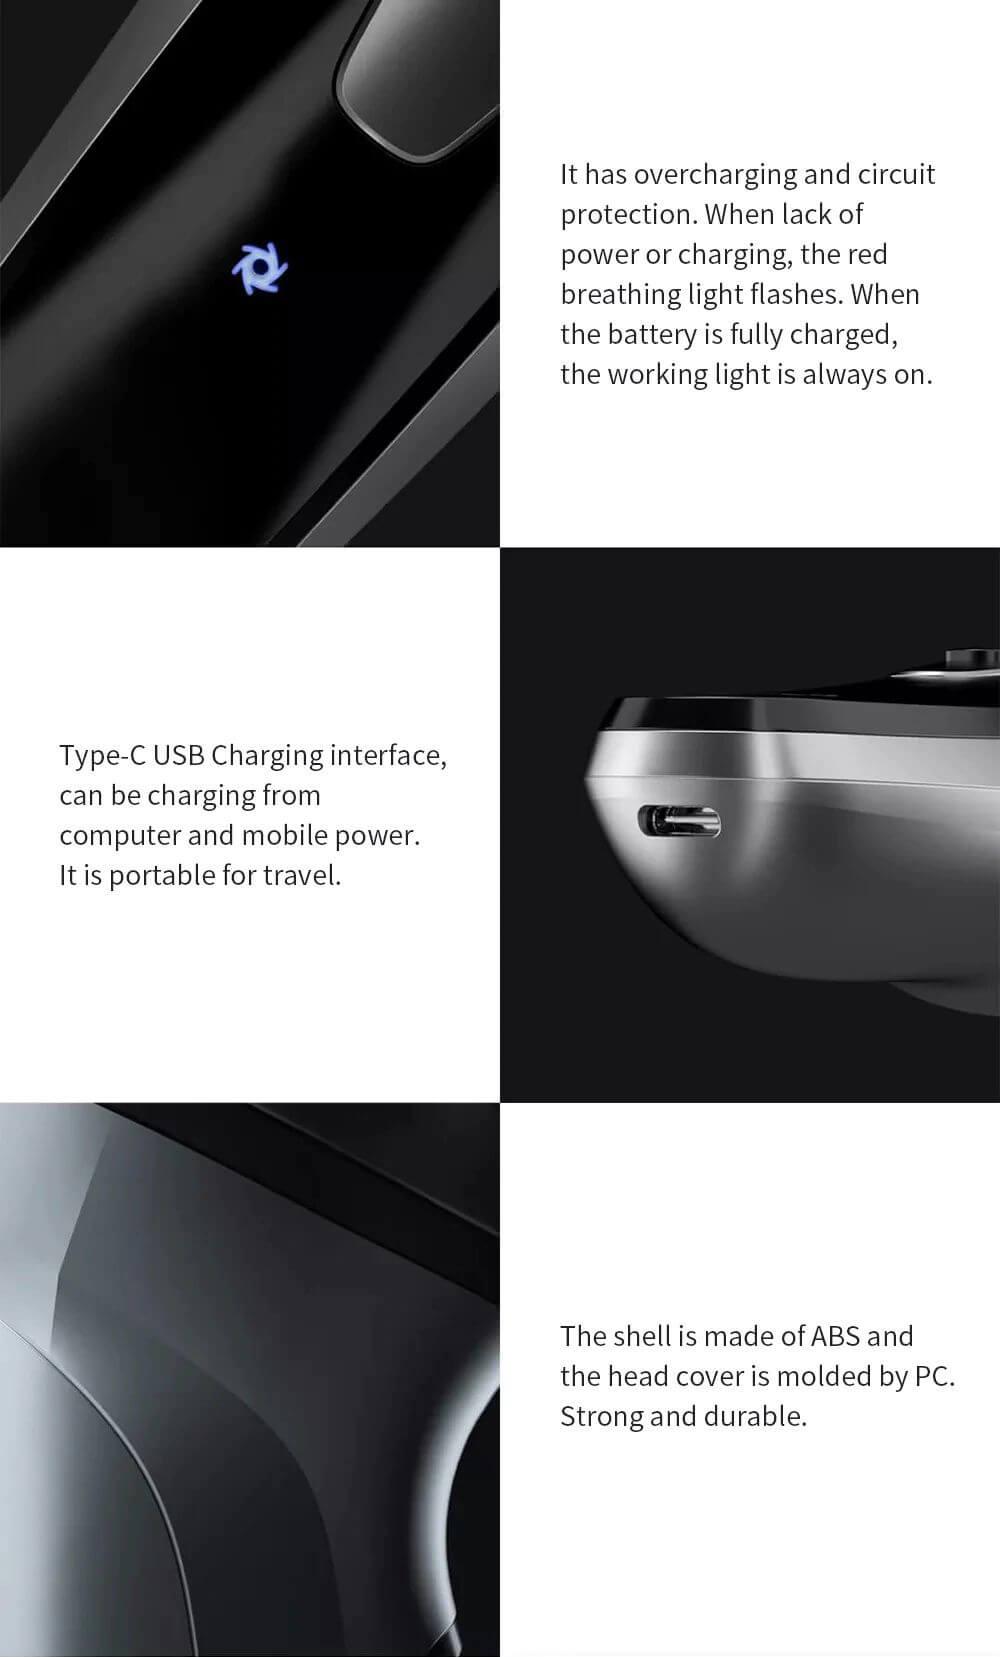 ماشین اصلاح موی صورت ای ان سی چی ان مدل Blackstone